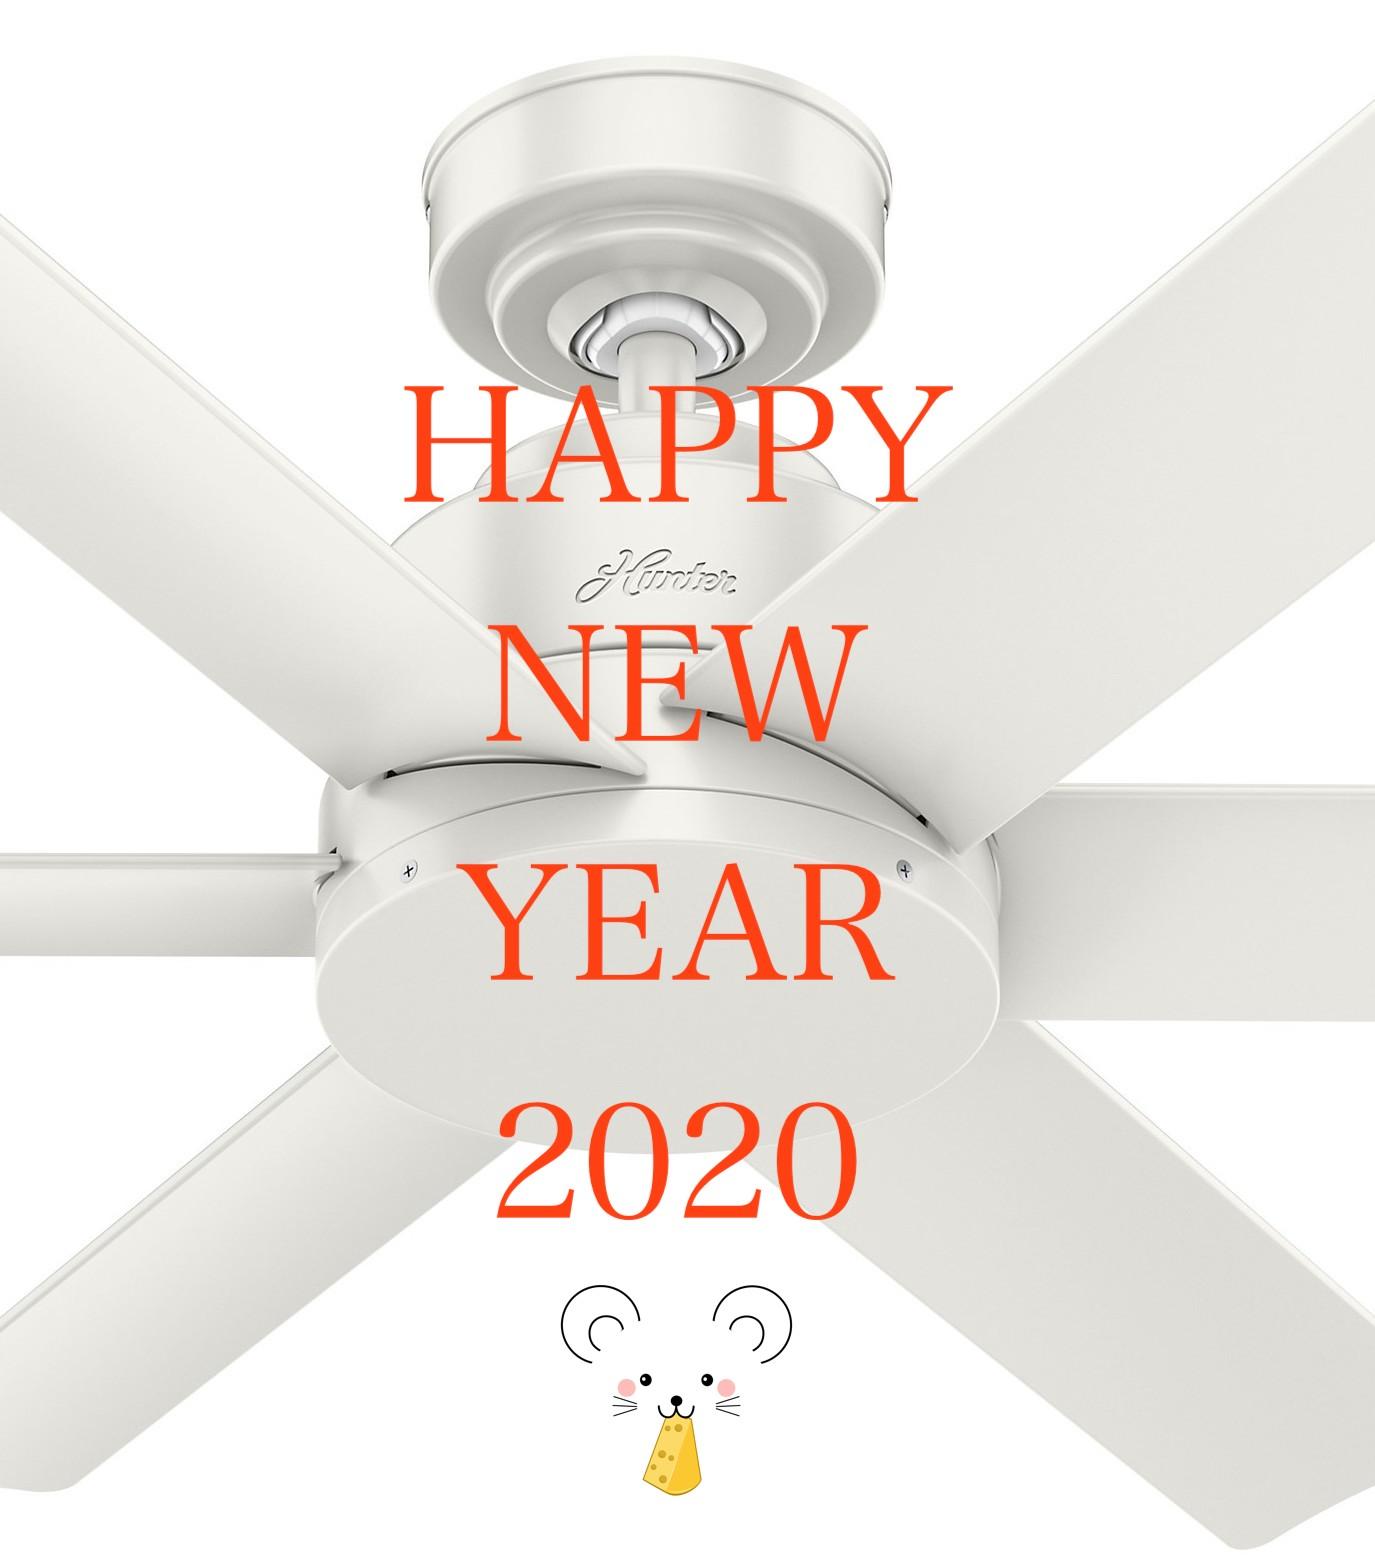 2020年 ハンター カサブランカ シーリングファン 日本正規輸入品販売ハンターストア株式会社